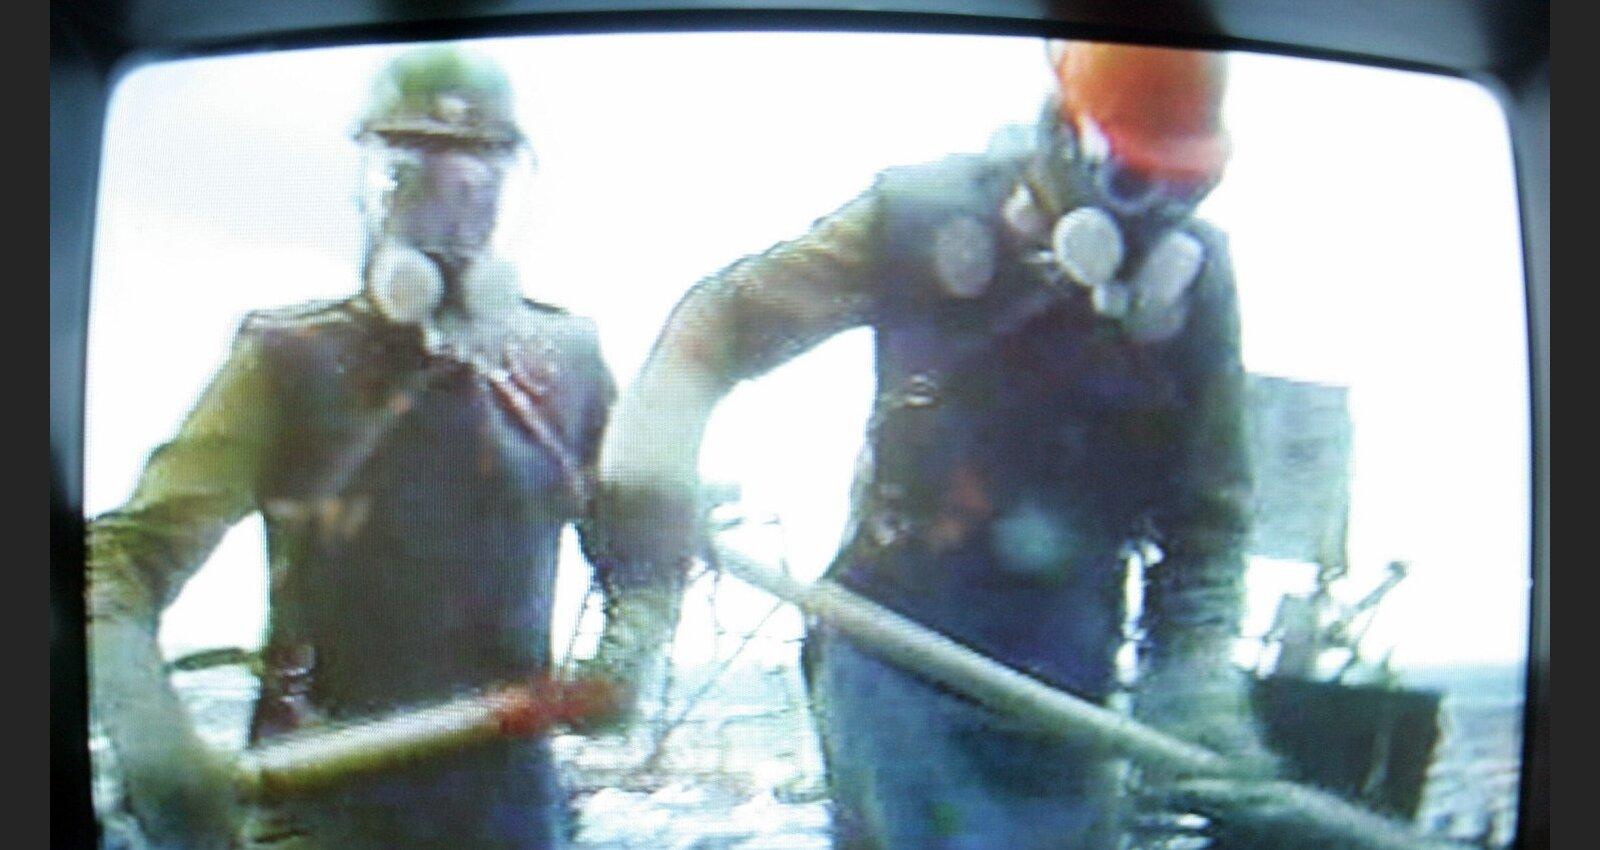 Atslepenoti VDK dokumenti: kā čekisti pēc Černobiļas katastrofas maldināja tūristus un žurnālistus